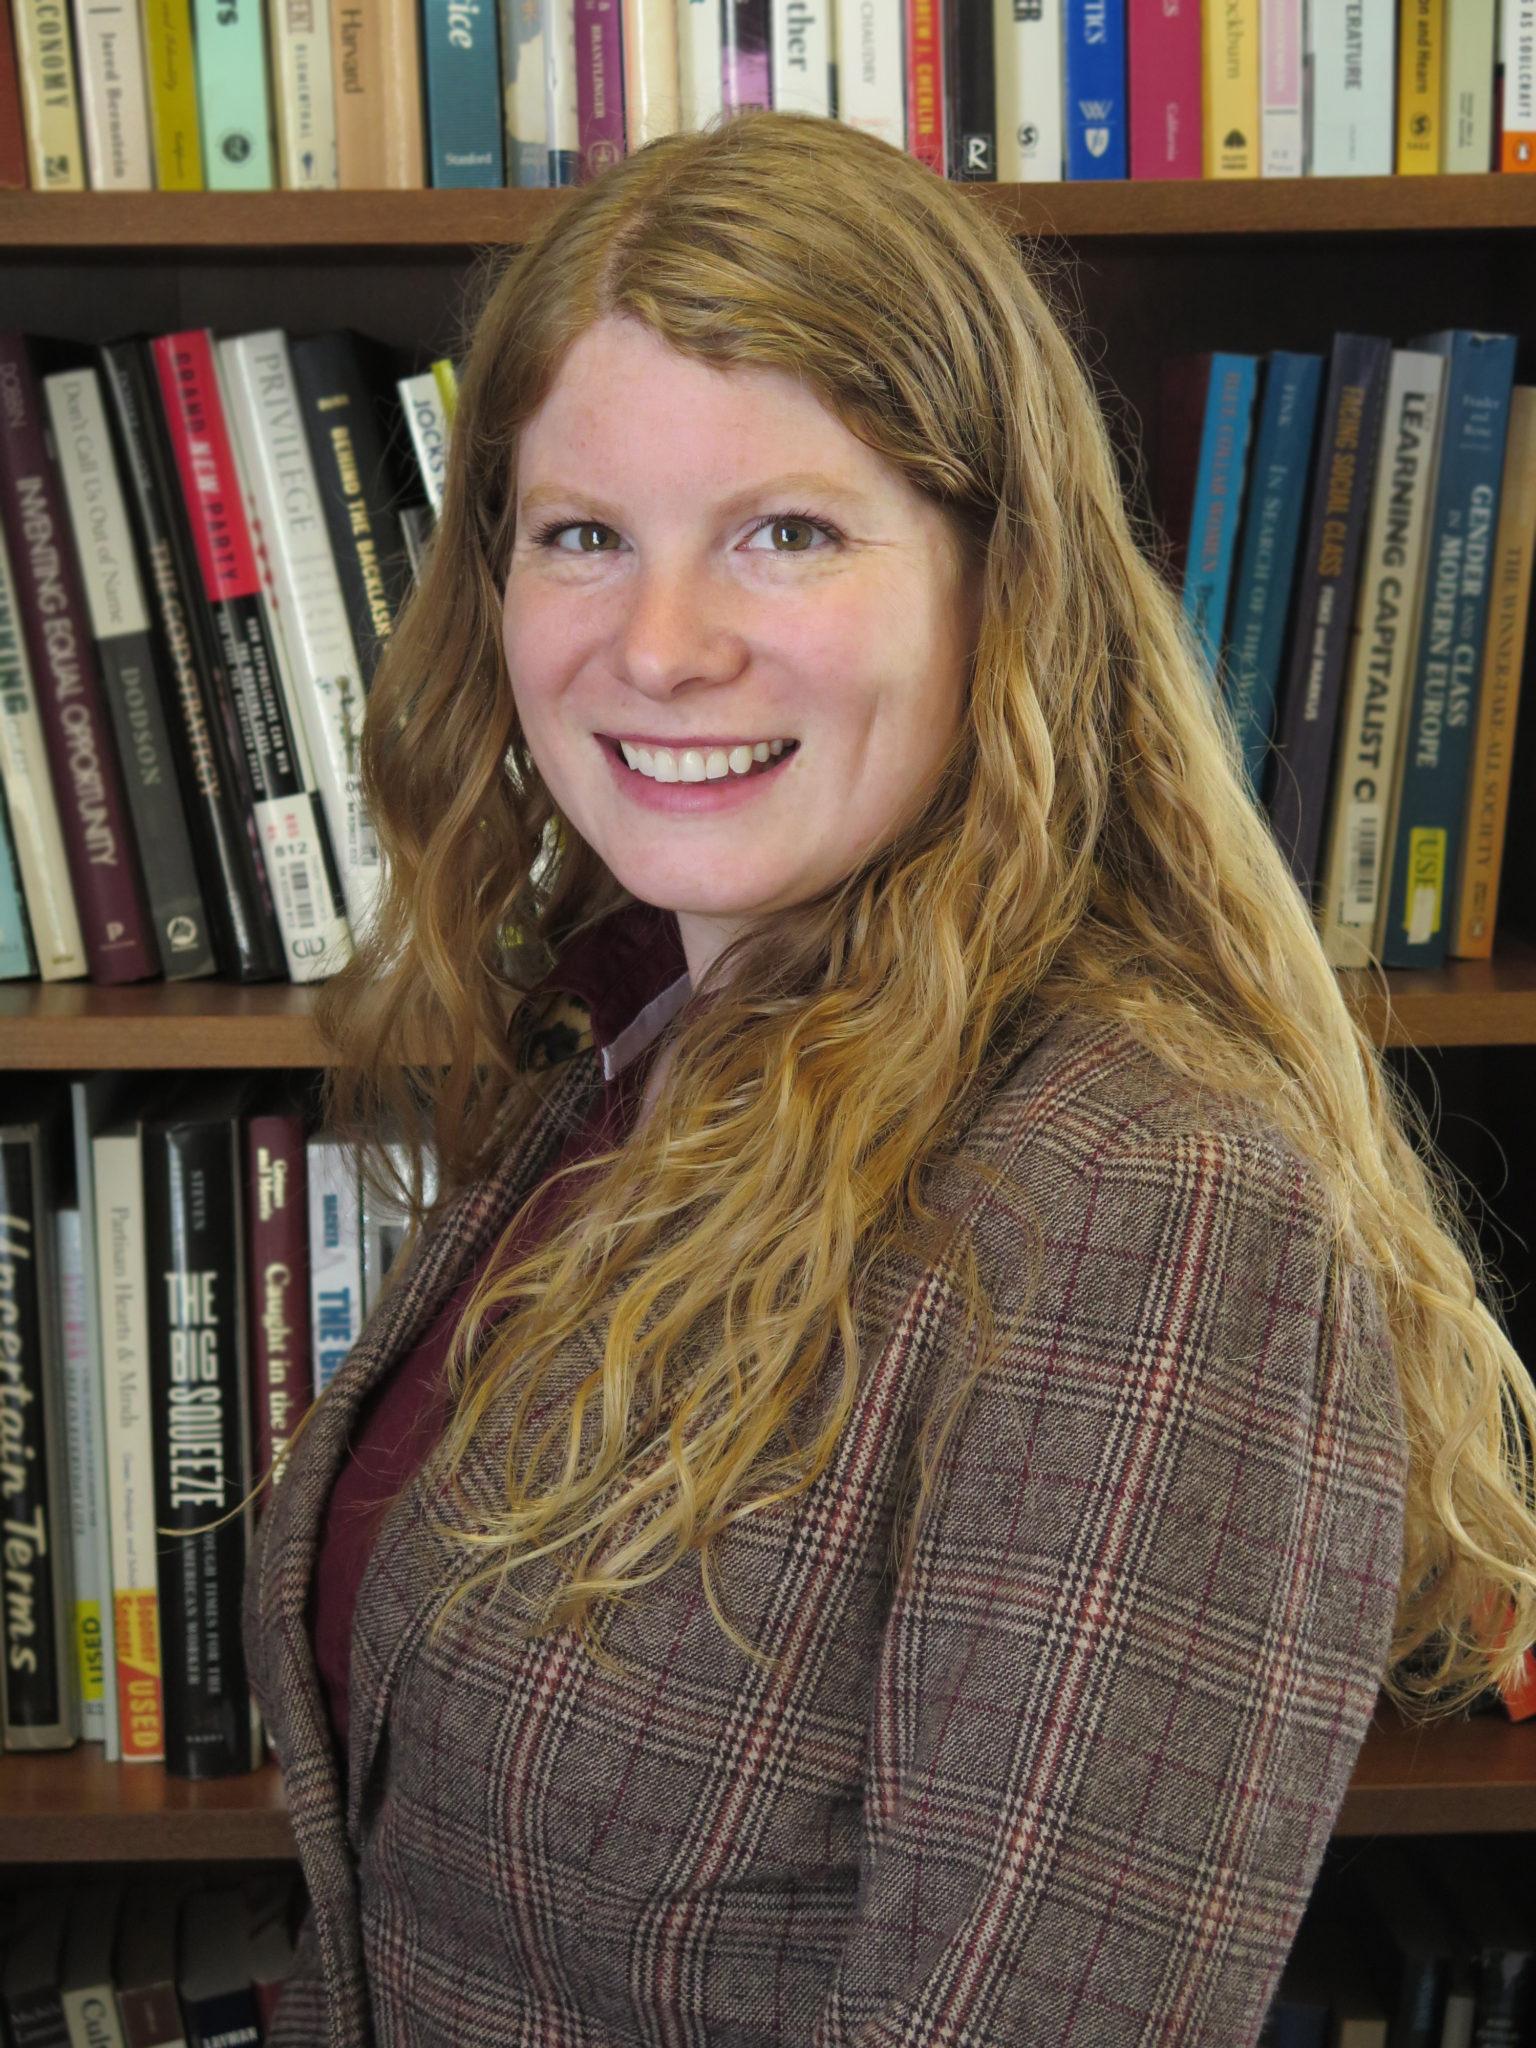 Rachel Korn